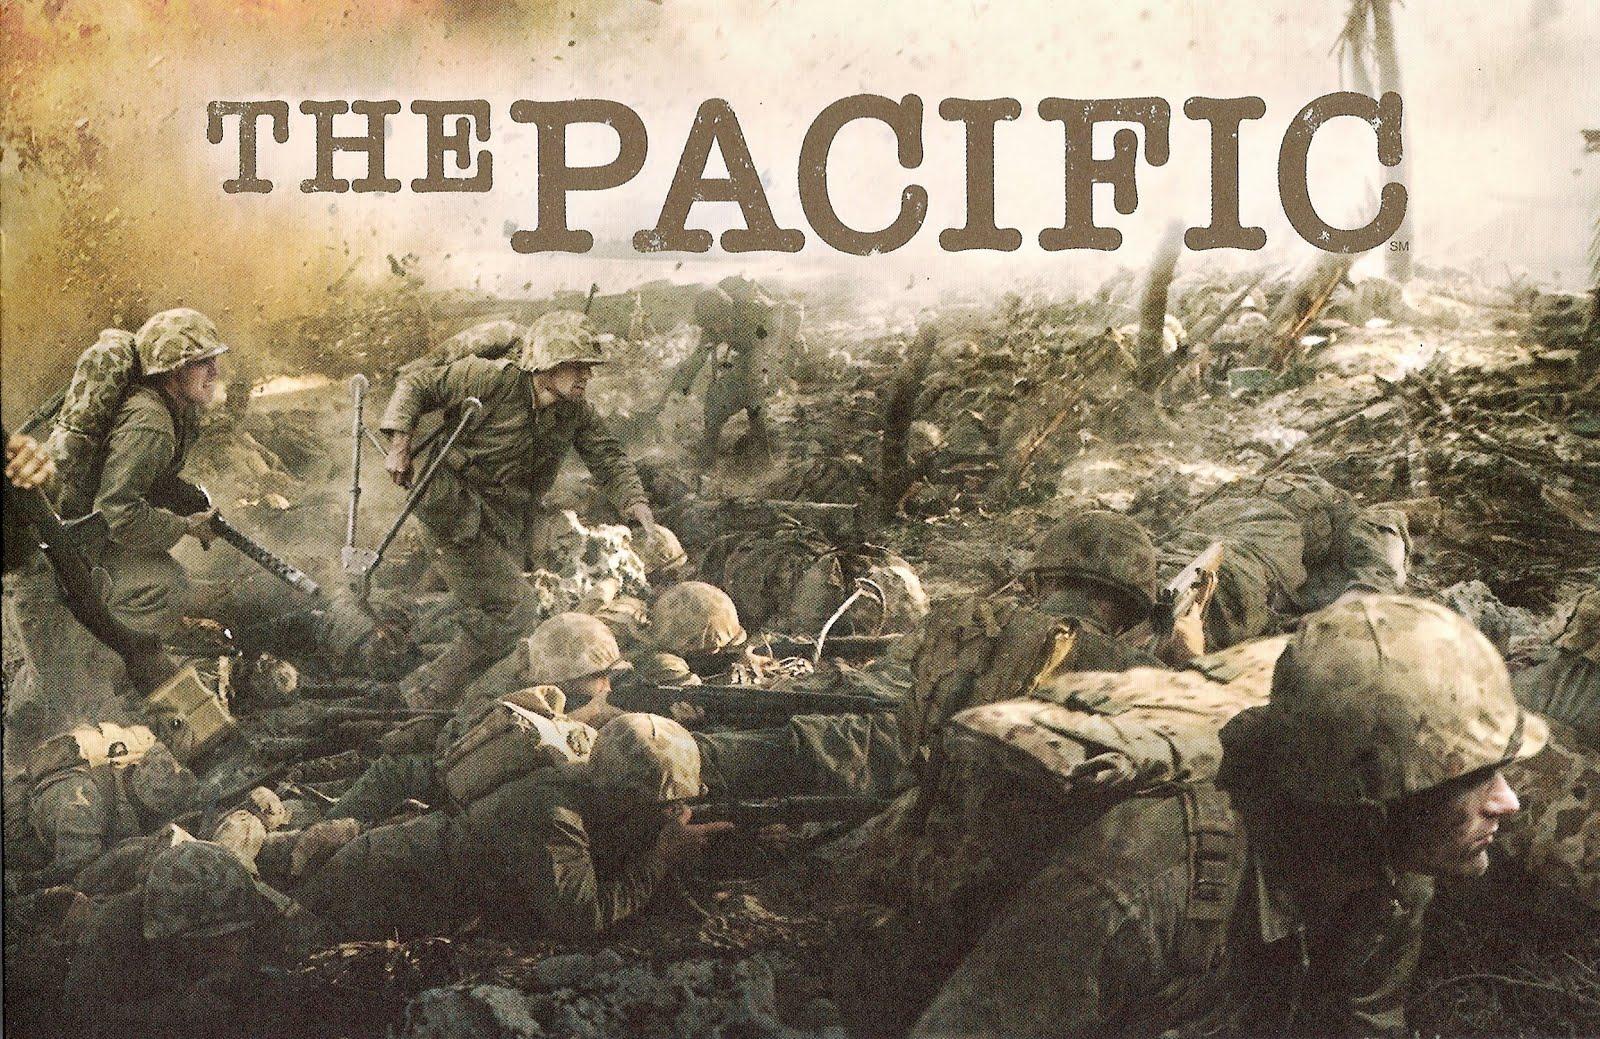 http://1.bp.blogspot.com/_9INbyr217Jc/TSbN9taO9vI/AAAAAAAAAYE/7p-LdvRO_s4/s1600/the-pacific.jpg